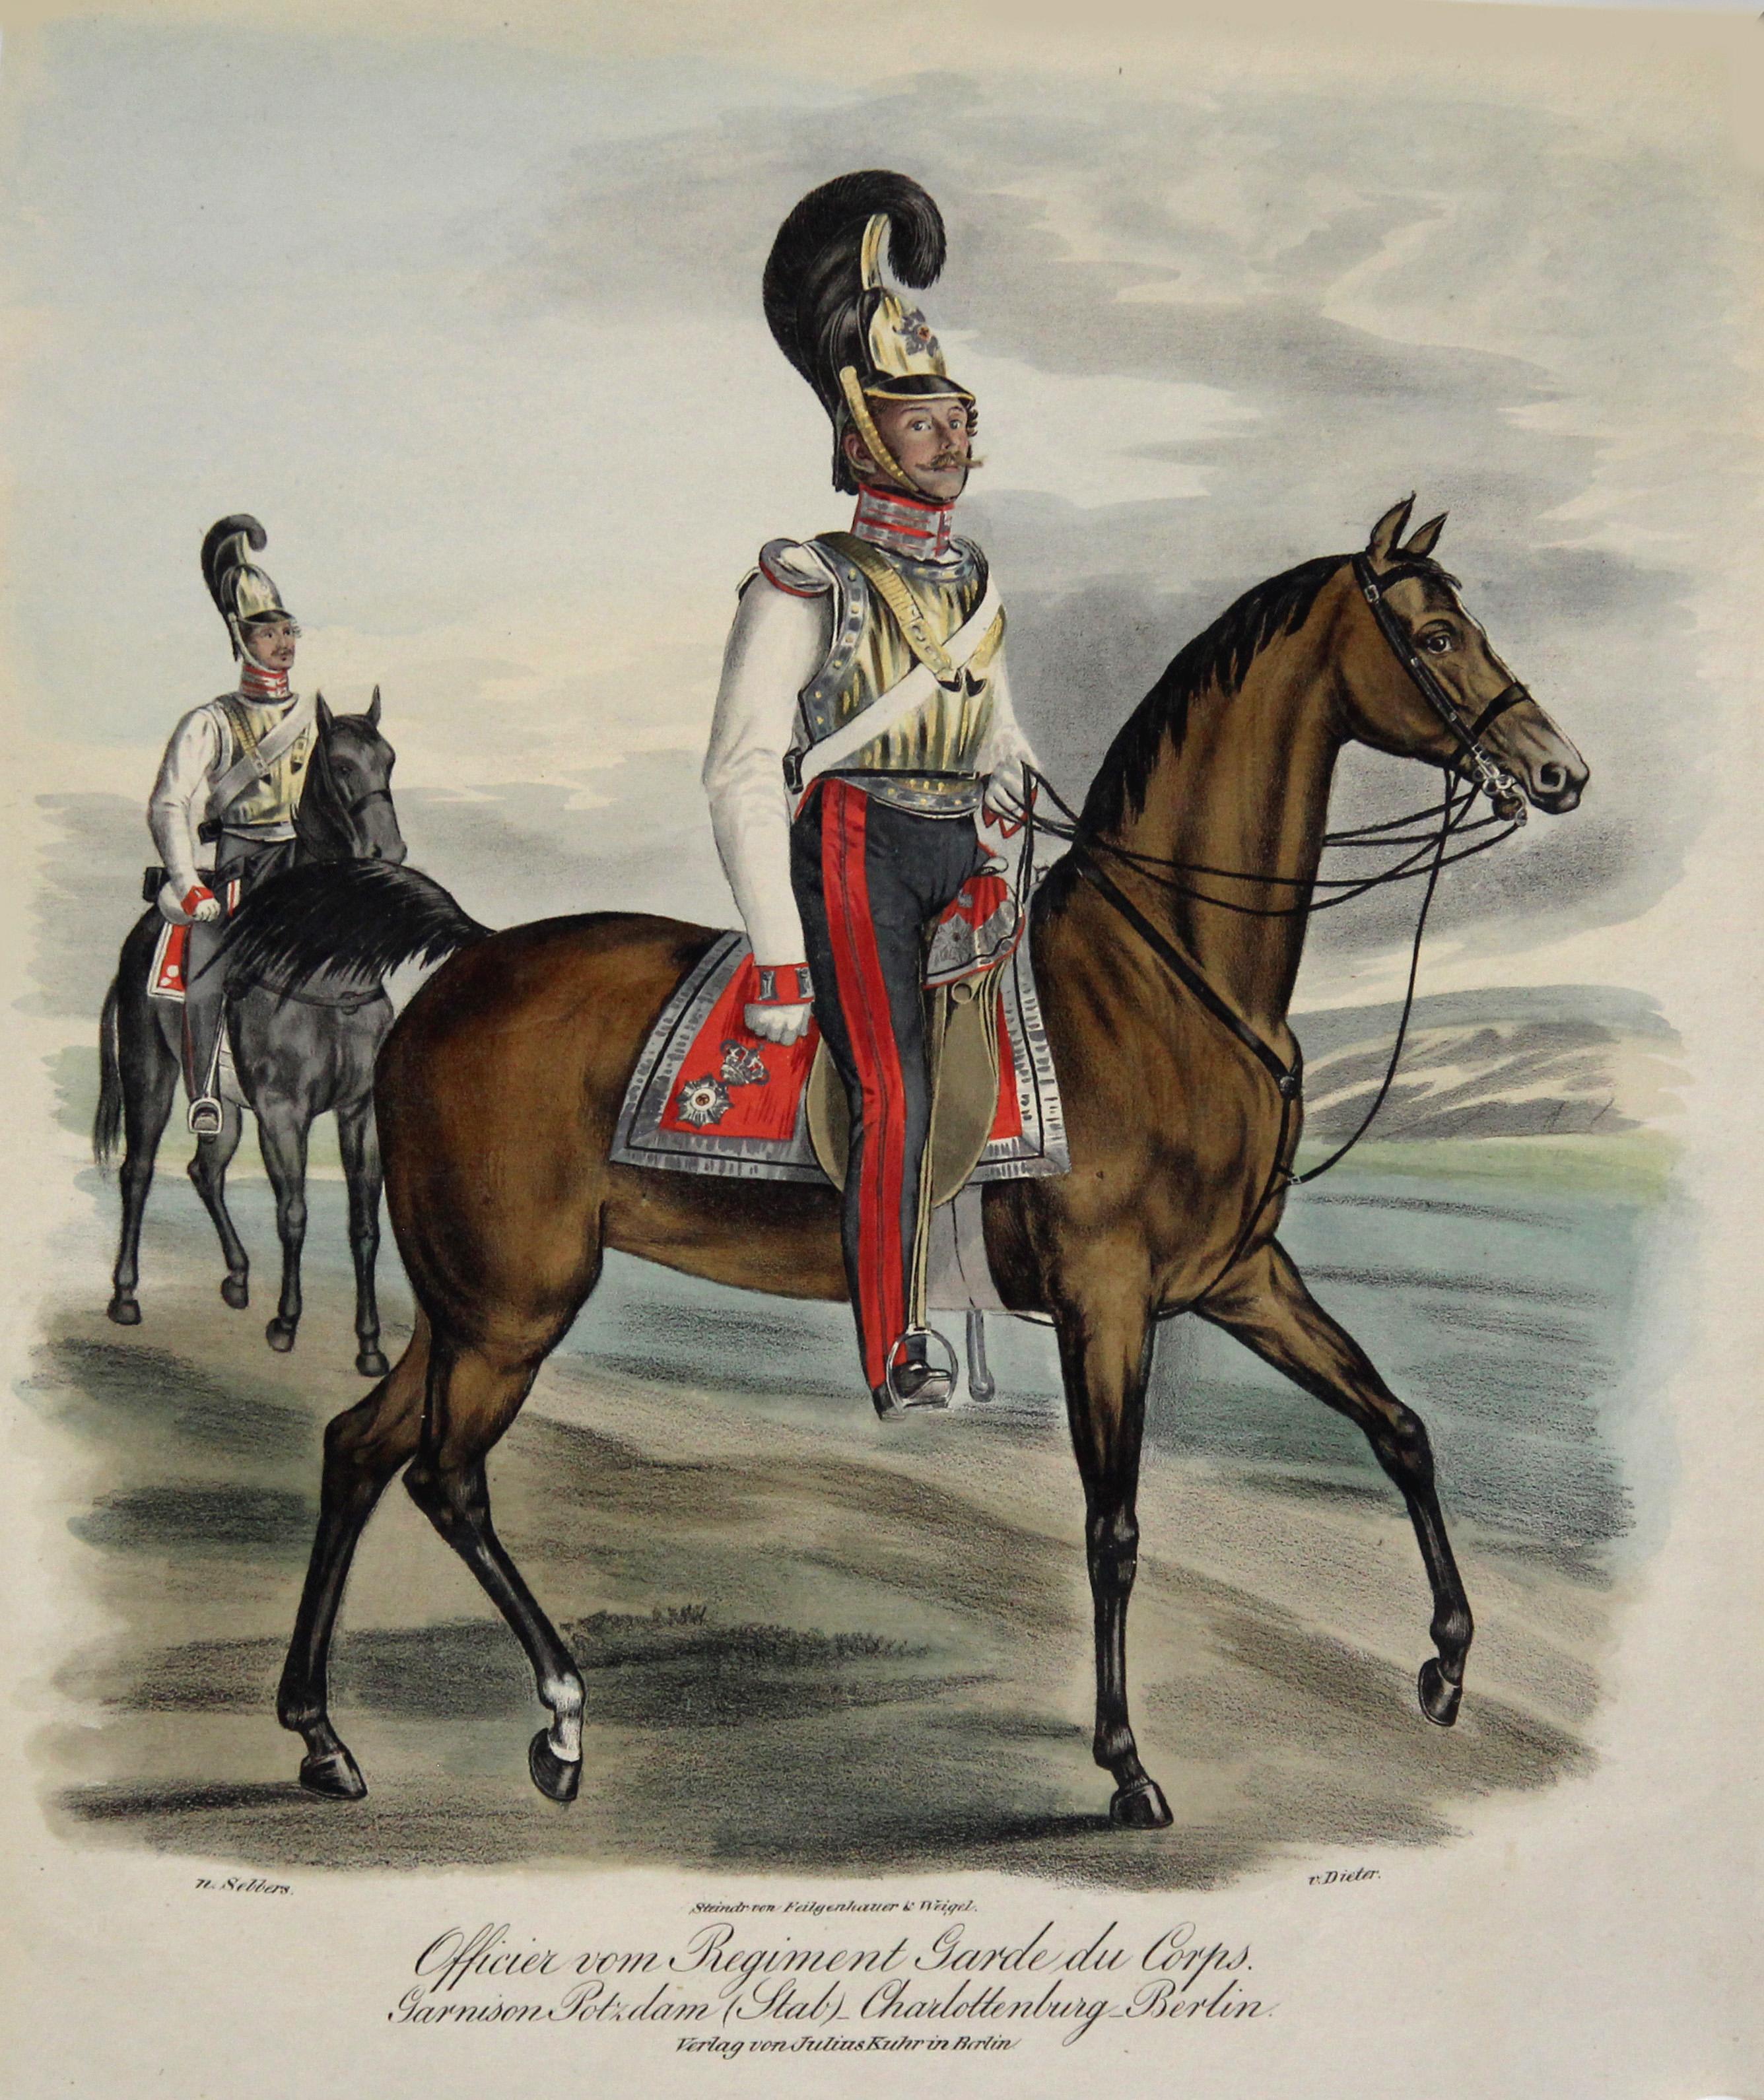 Offizier vom Regiment Garde du Corps. Garnison: Preussisches Militär: Garde